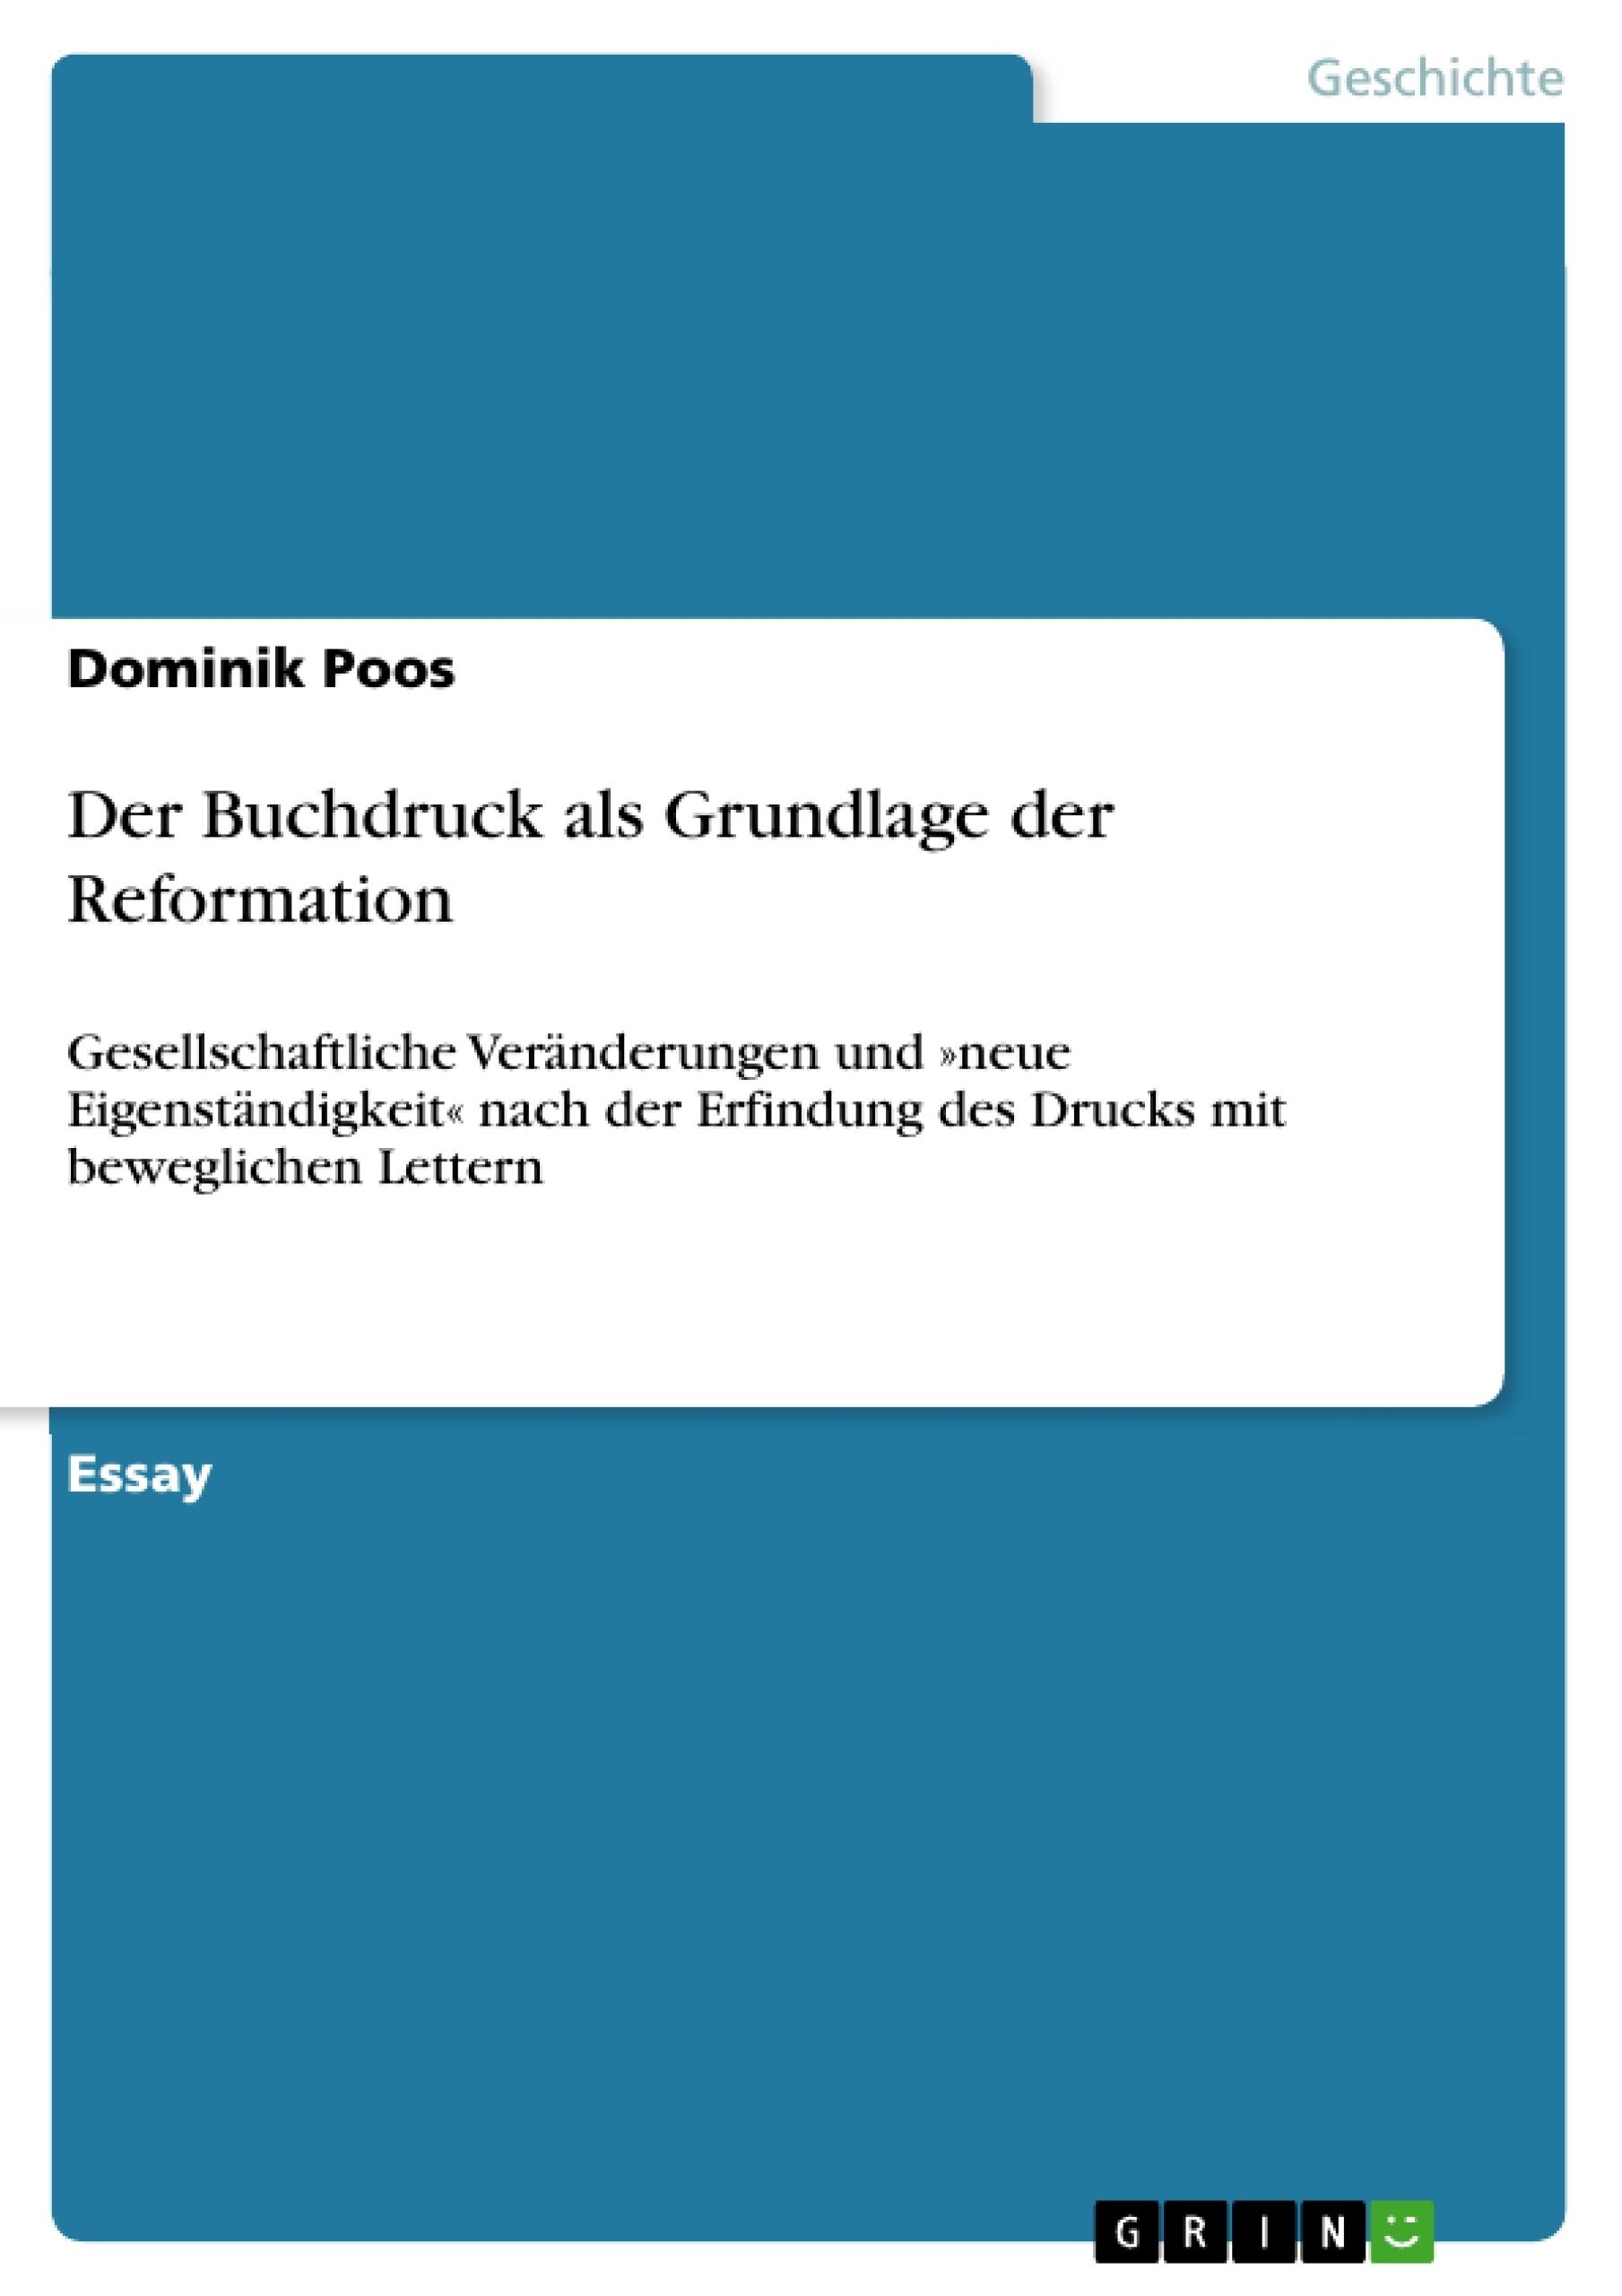 Titel: Der Buchdruck als Grundlage der Reformation